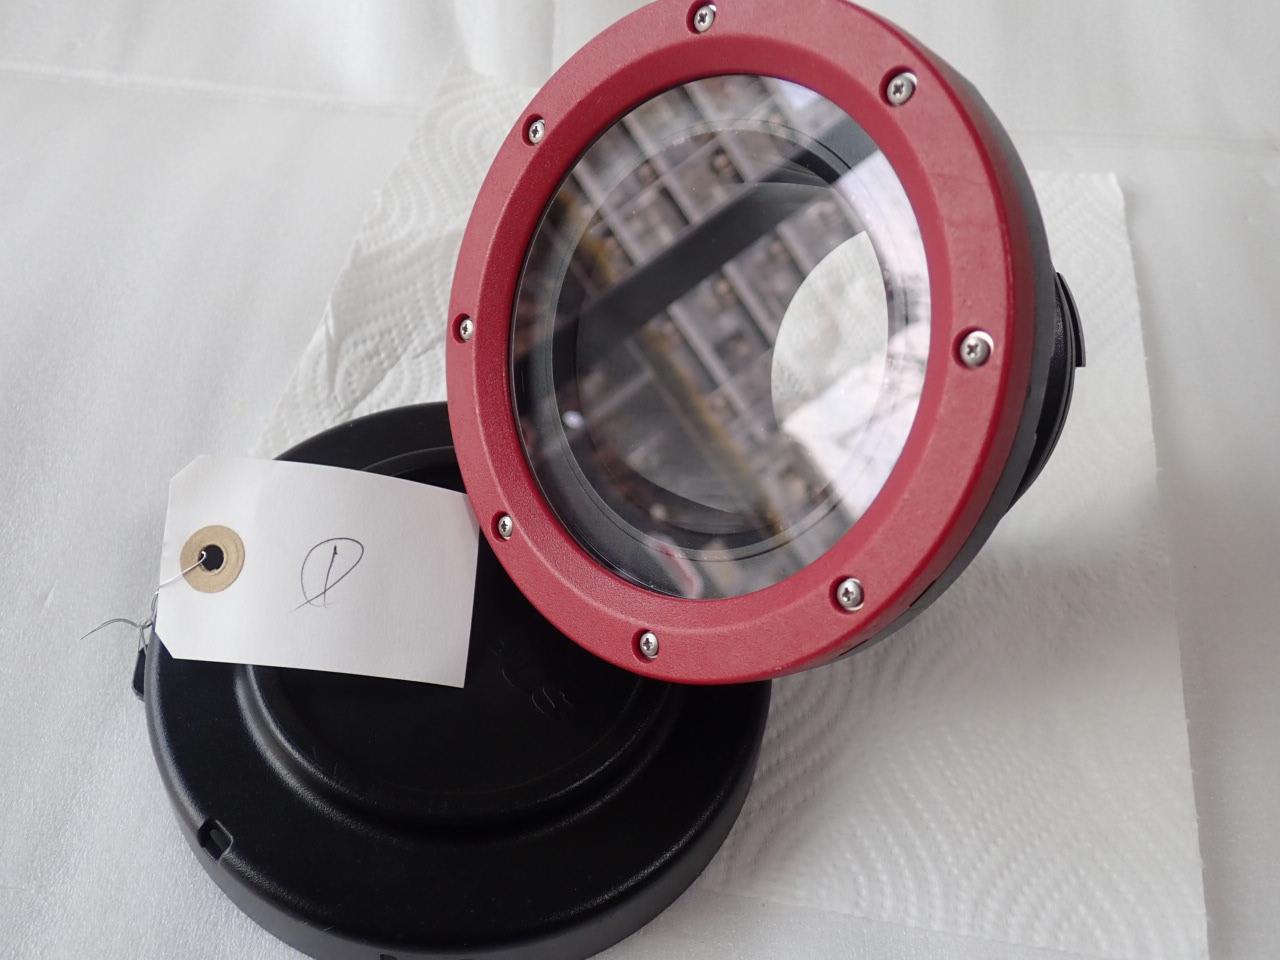 中古水中カメラ機材 オリンパス PPO-EP01 防水プロテクター(PT-EP12対応用)